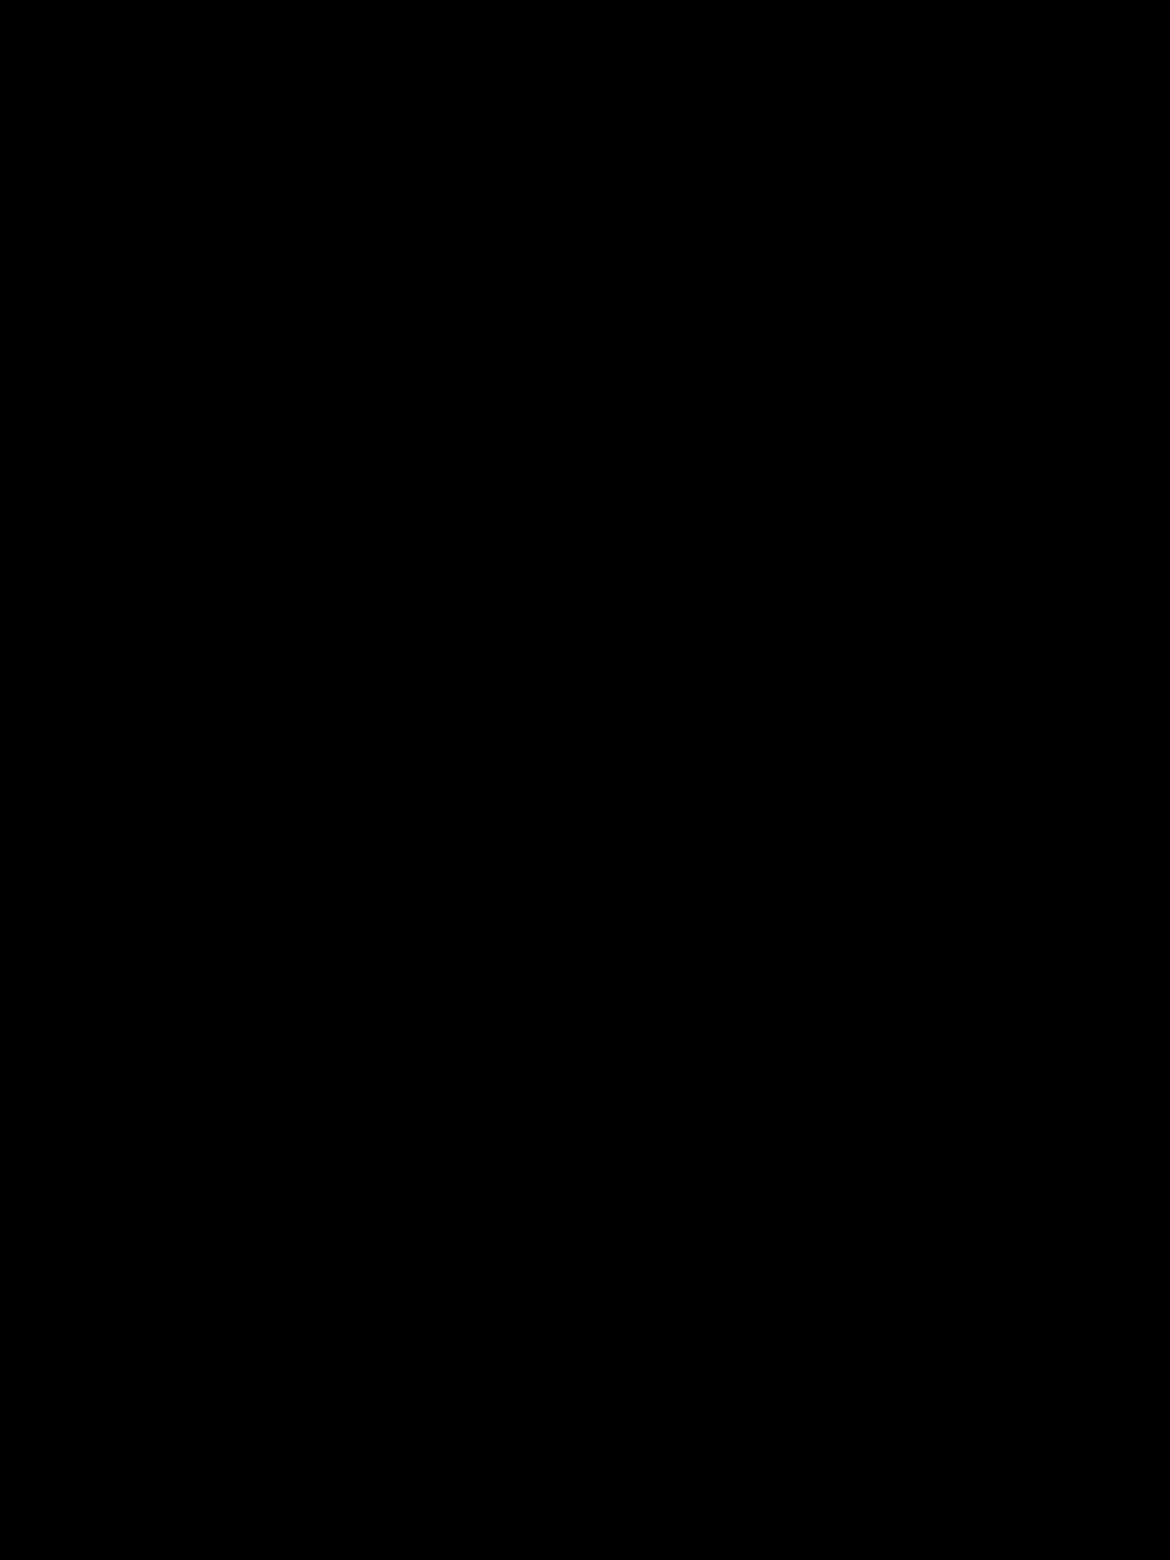 Una settimana in Giappone - Il mio itinerario by Laura Comolli - Yufuin, Beppu, Prefettura di Oita